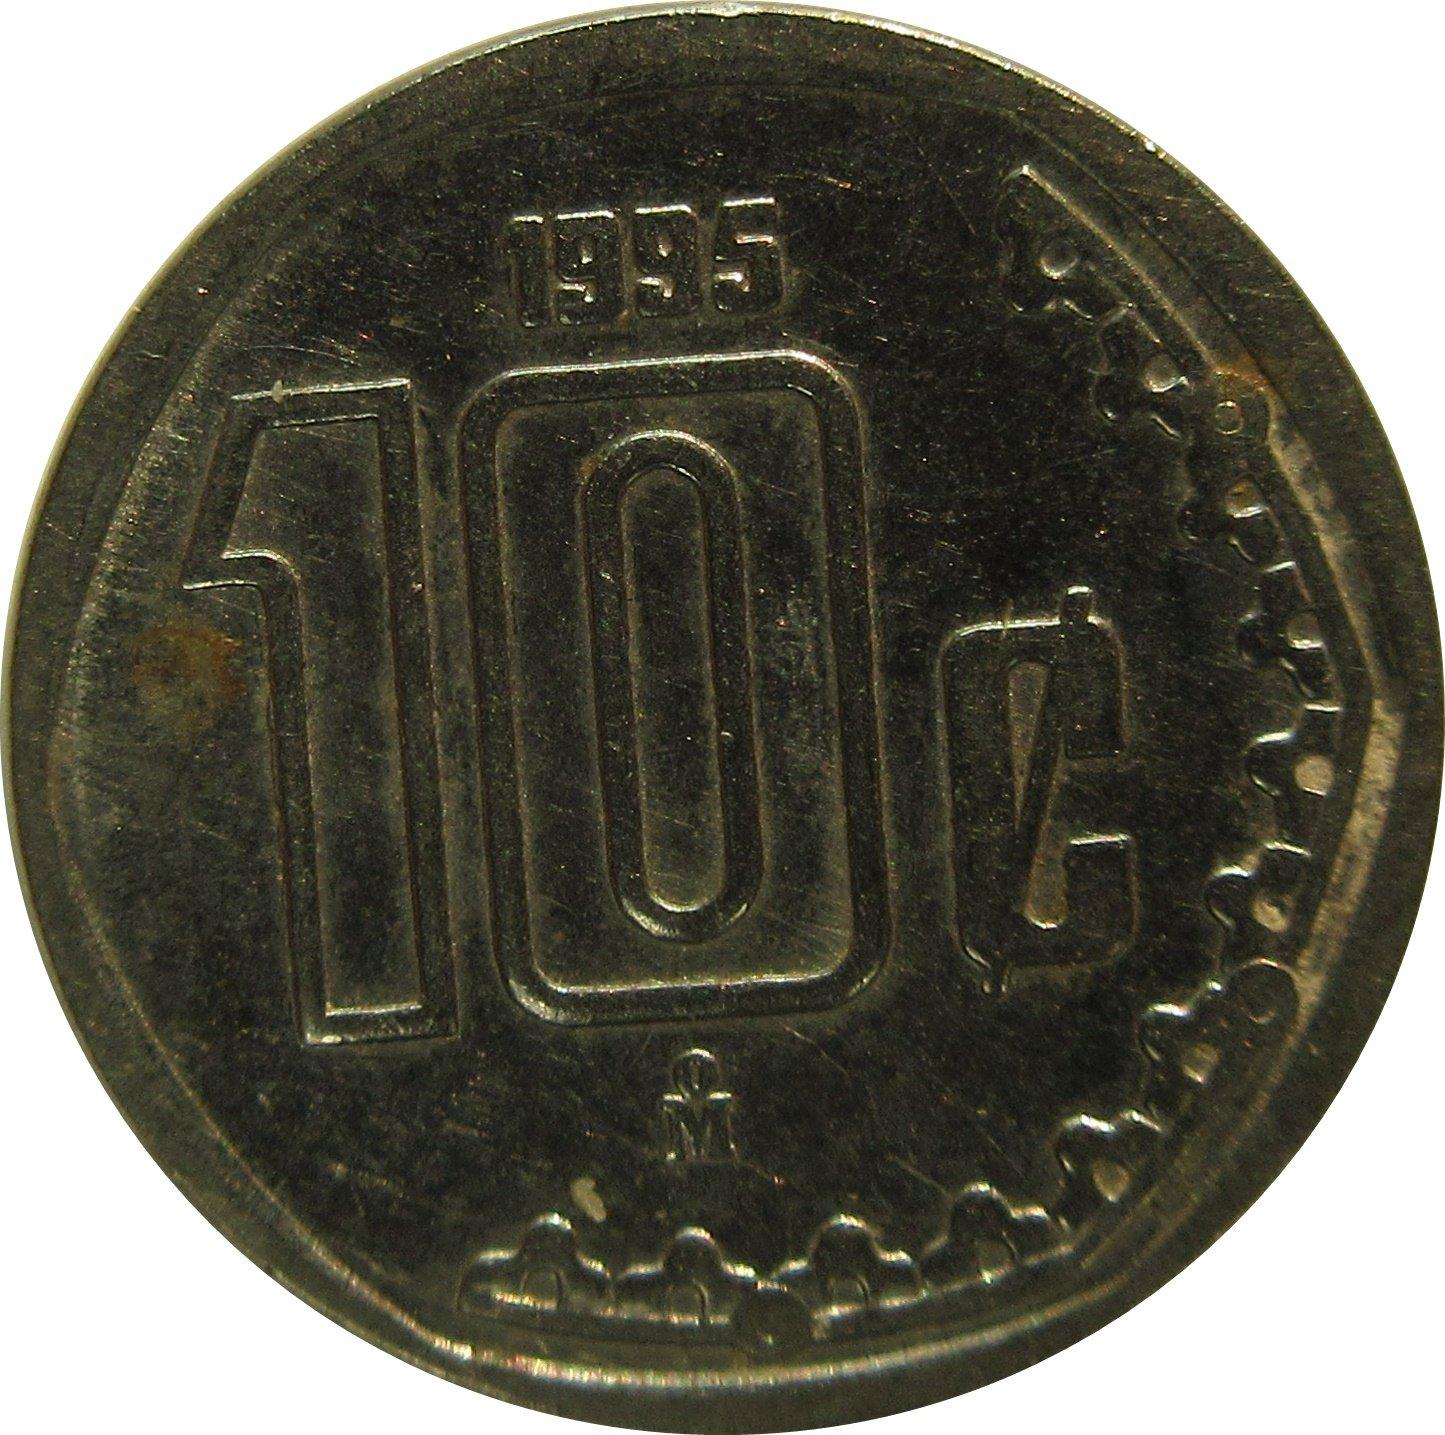 1995 Mexico 10 Centavos